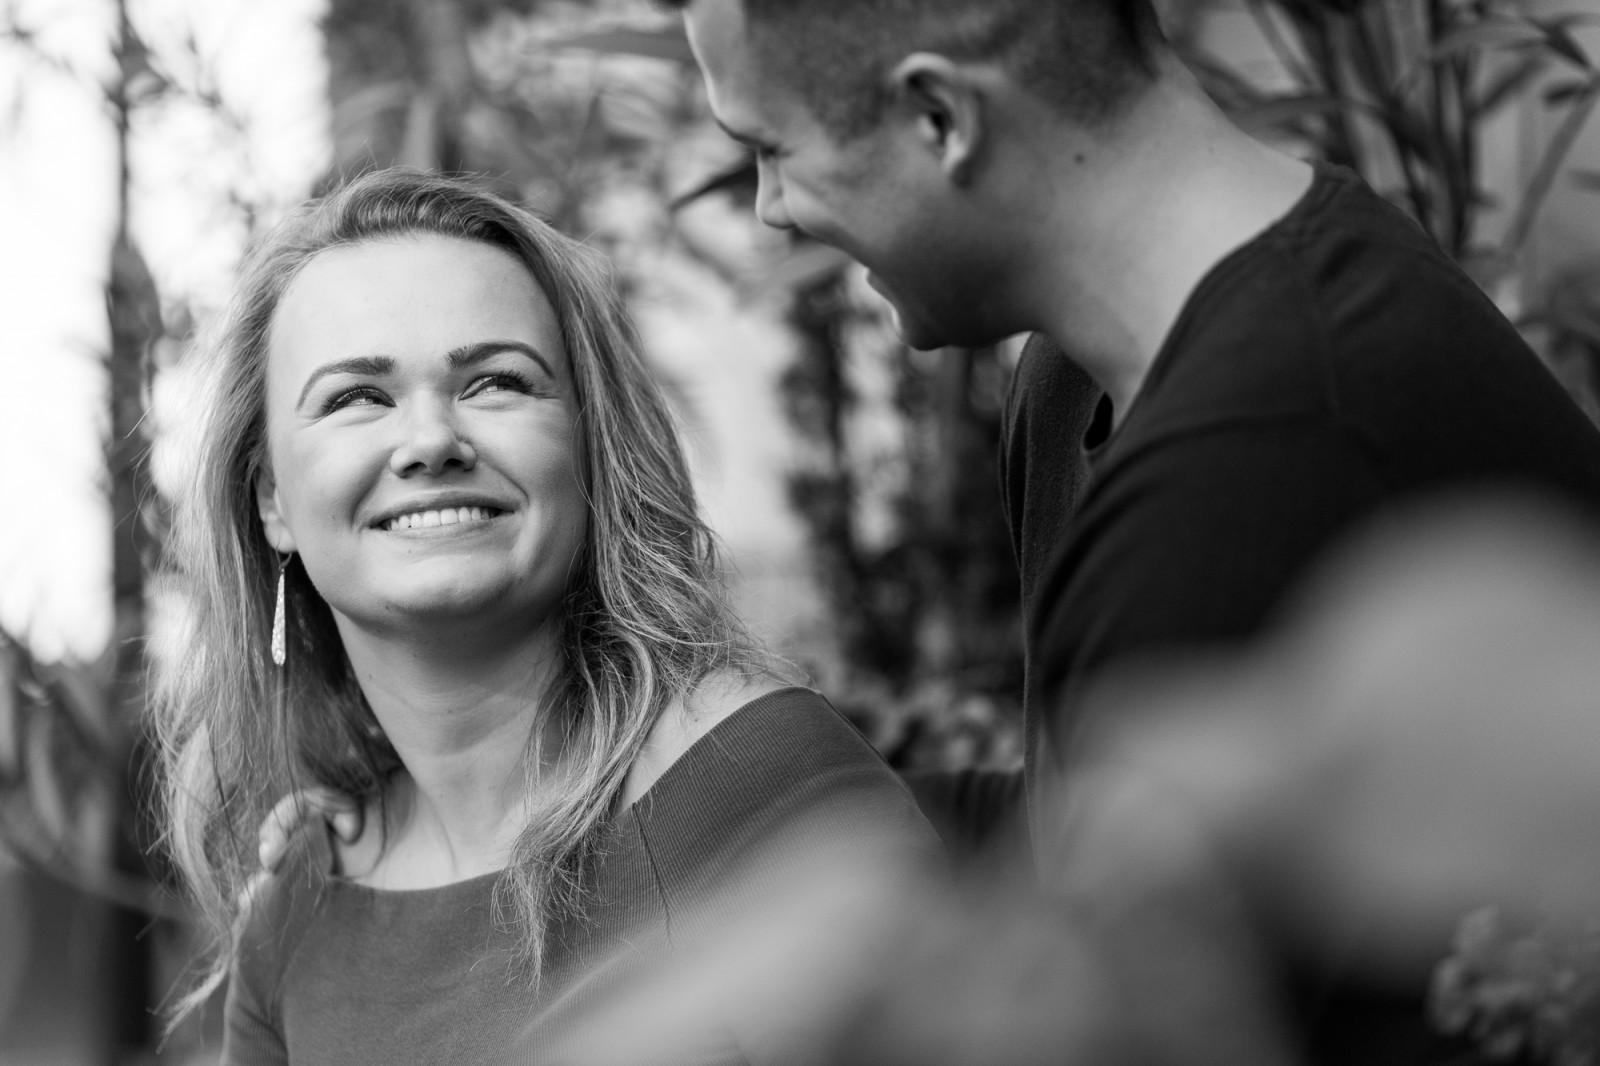 Verlovingsreportage in Deventer door bruidsfotograaf Peter Lammers